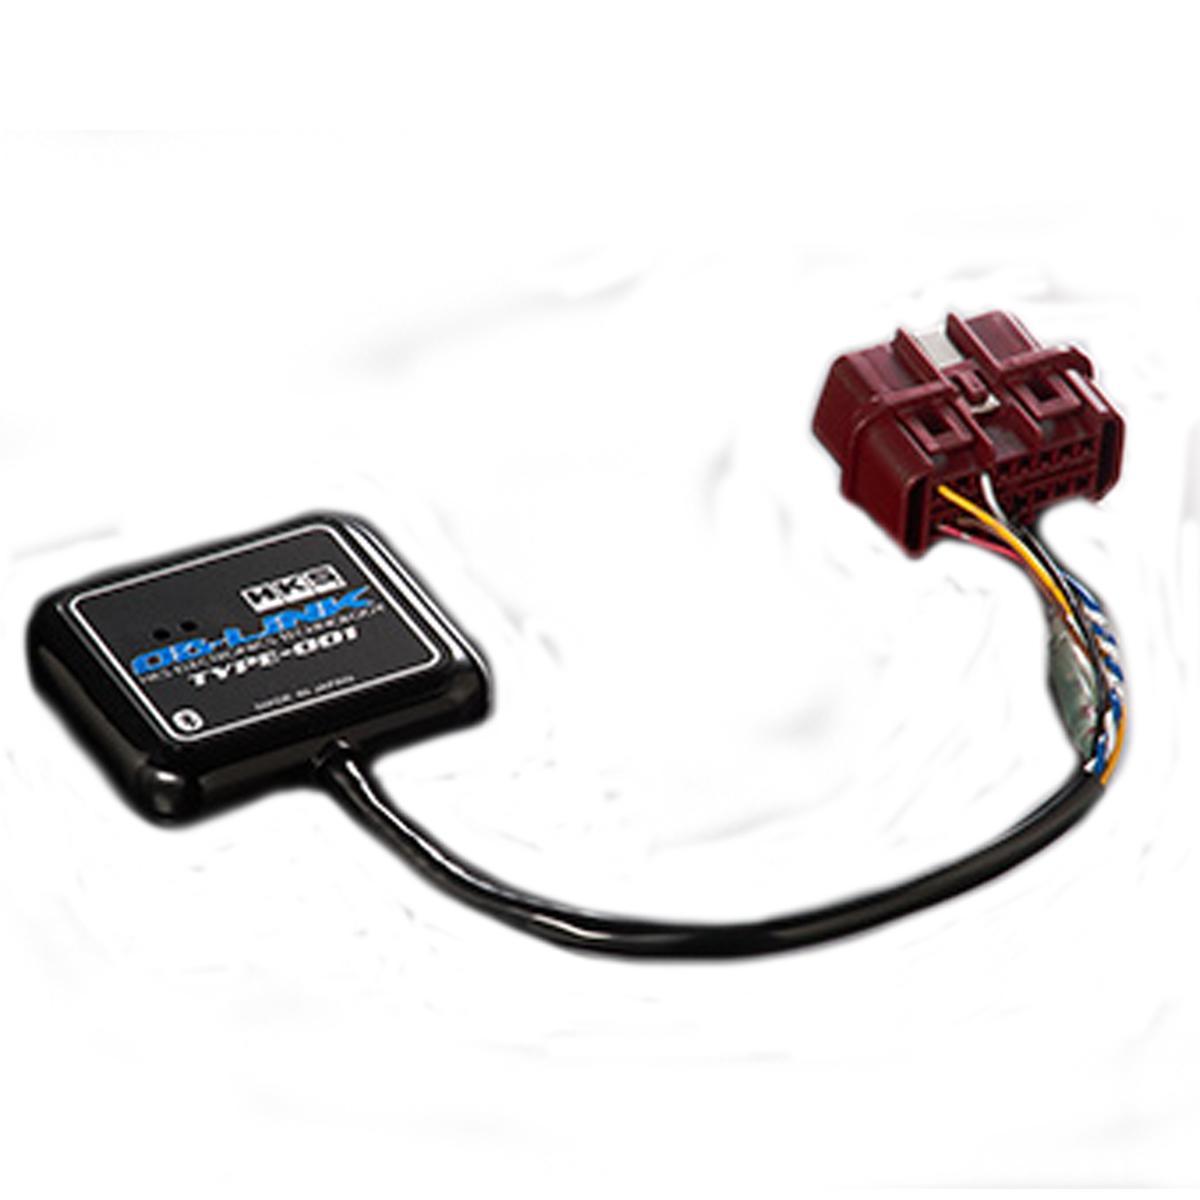 トッポ モニター OBリンク タイプ 001 H82A HKS 44009-AK002 エレクトリニクス